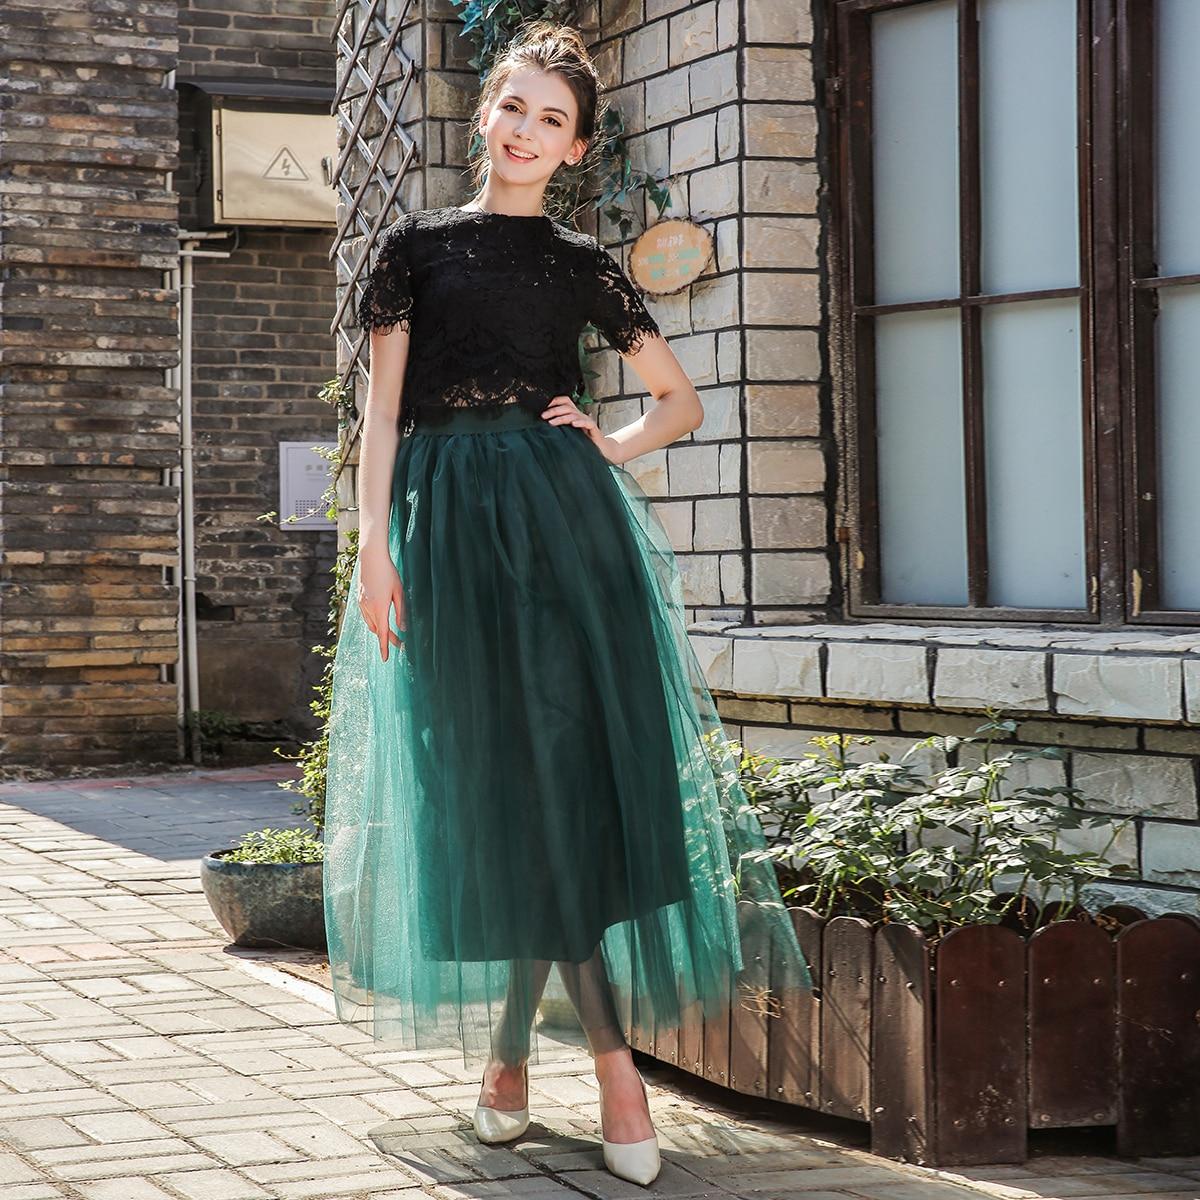 4 shtresa 100cm 2018 Maxi Long Tutu Tulle Funde Femra Pantallona të gjera Lolita Petticoat faldas mujer saias Jupe